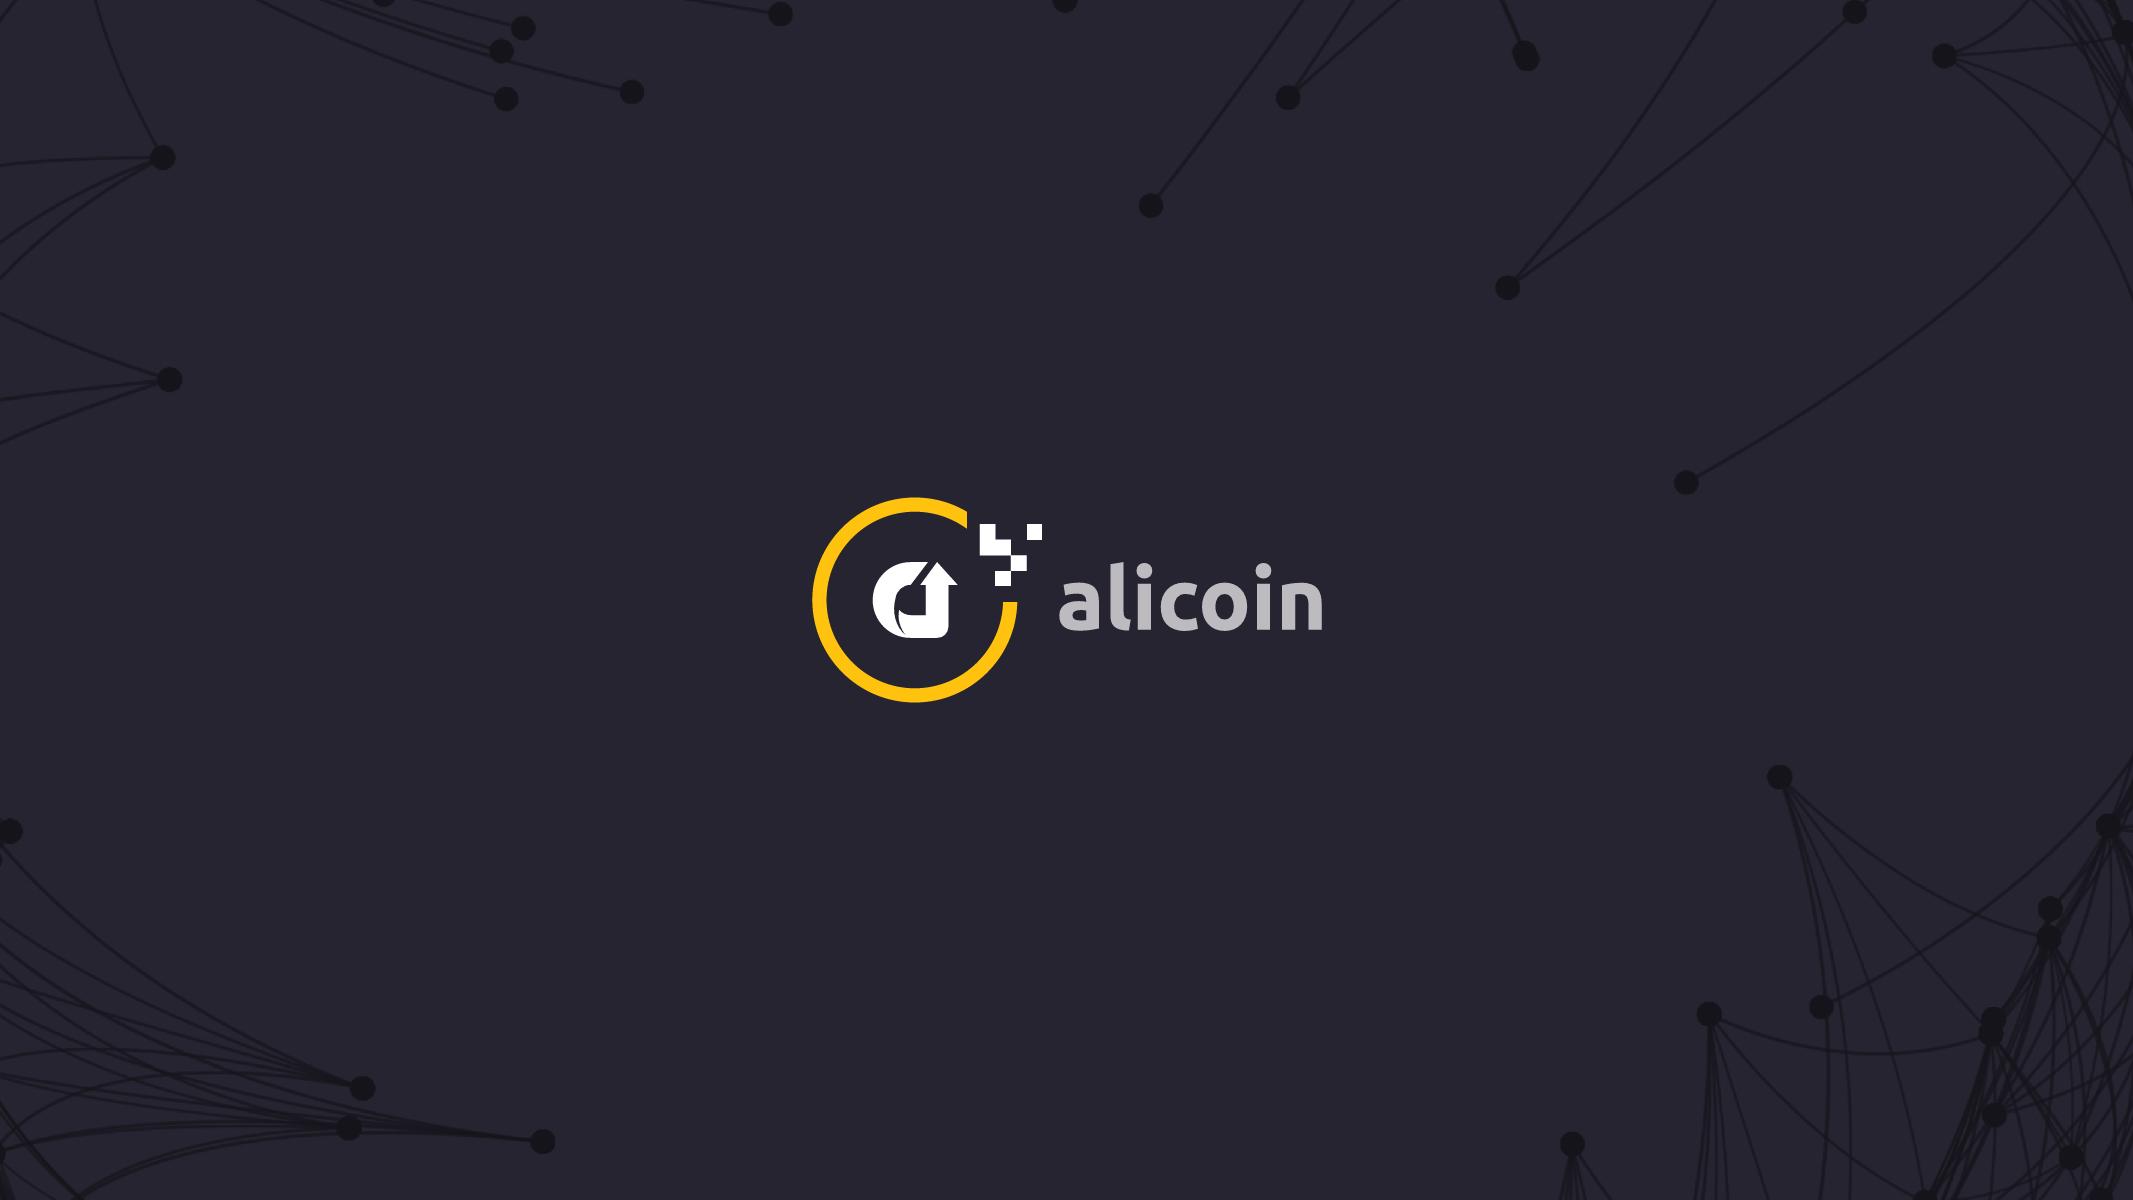 [QC] ICO của Alicoin Cash bắt đầu thực hiện lời hứa đối với cộng đồng dự án